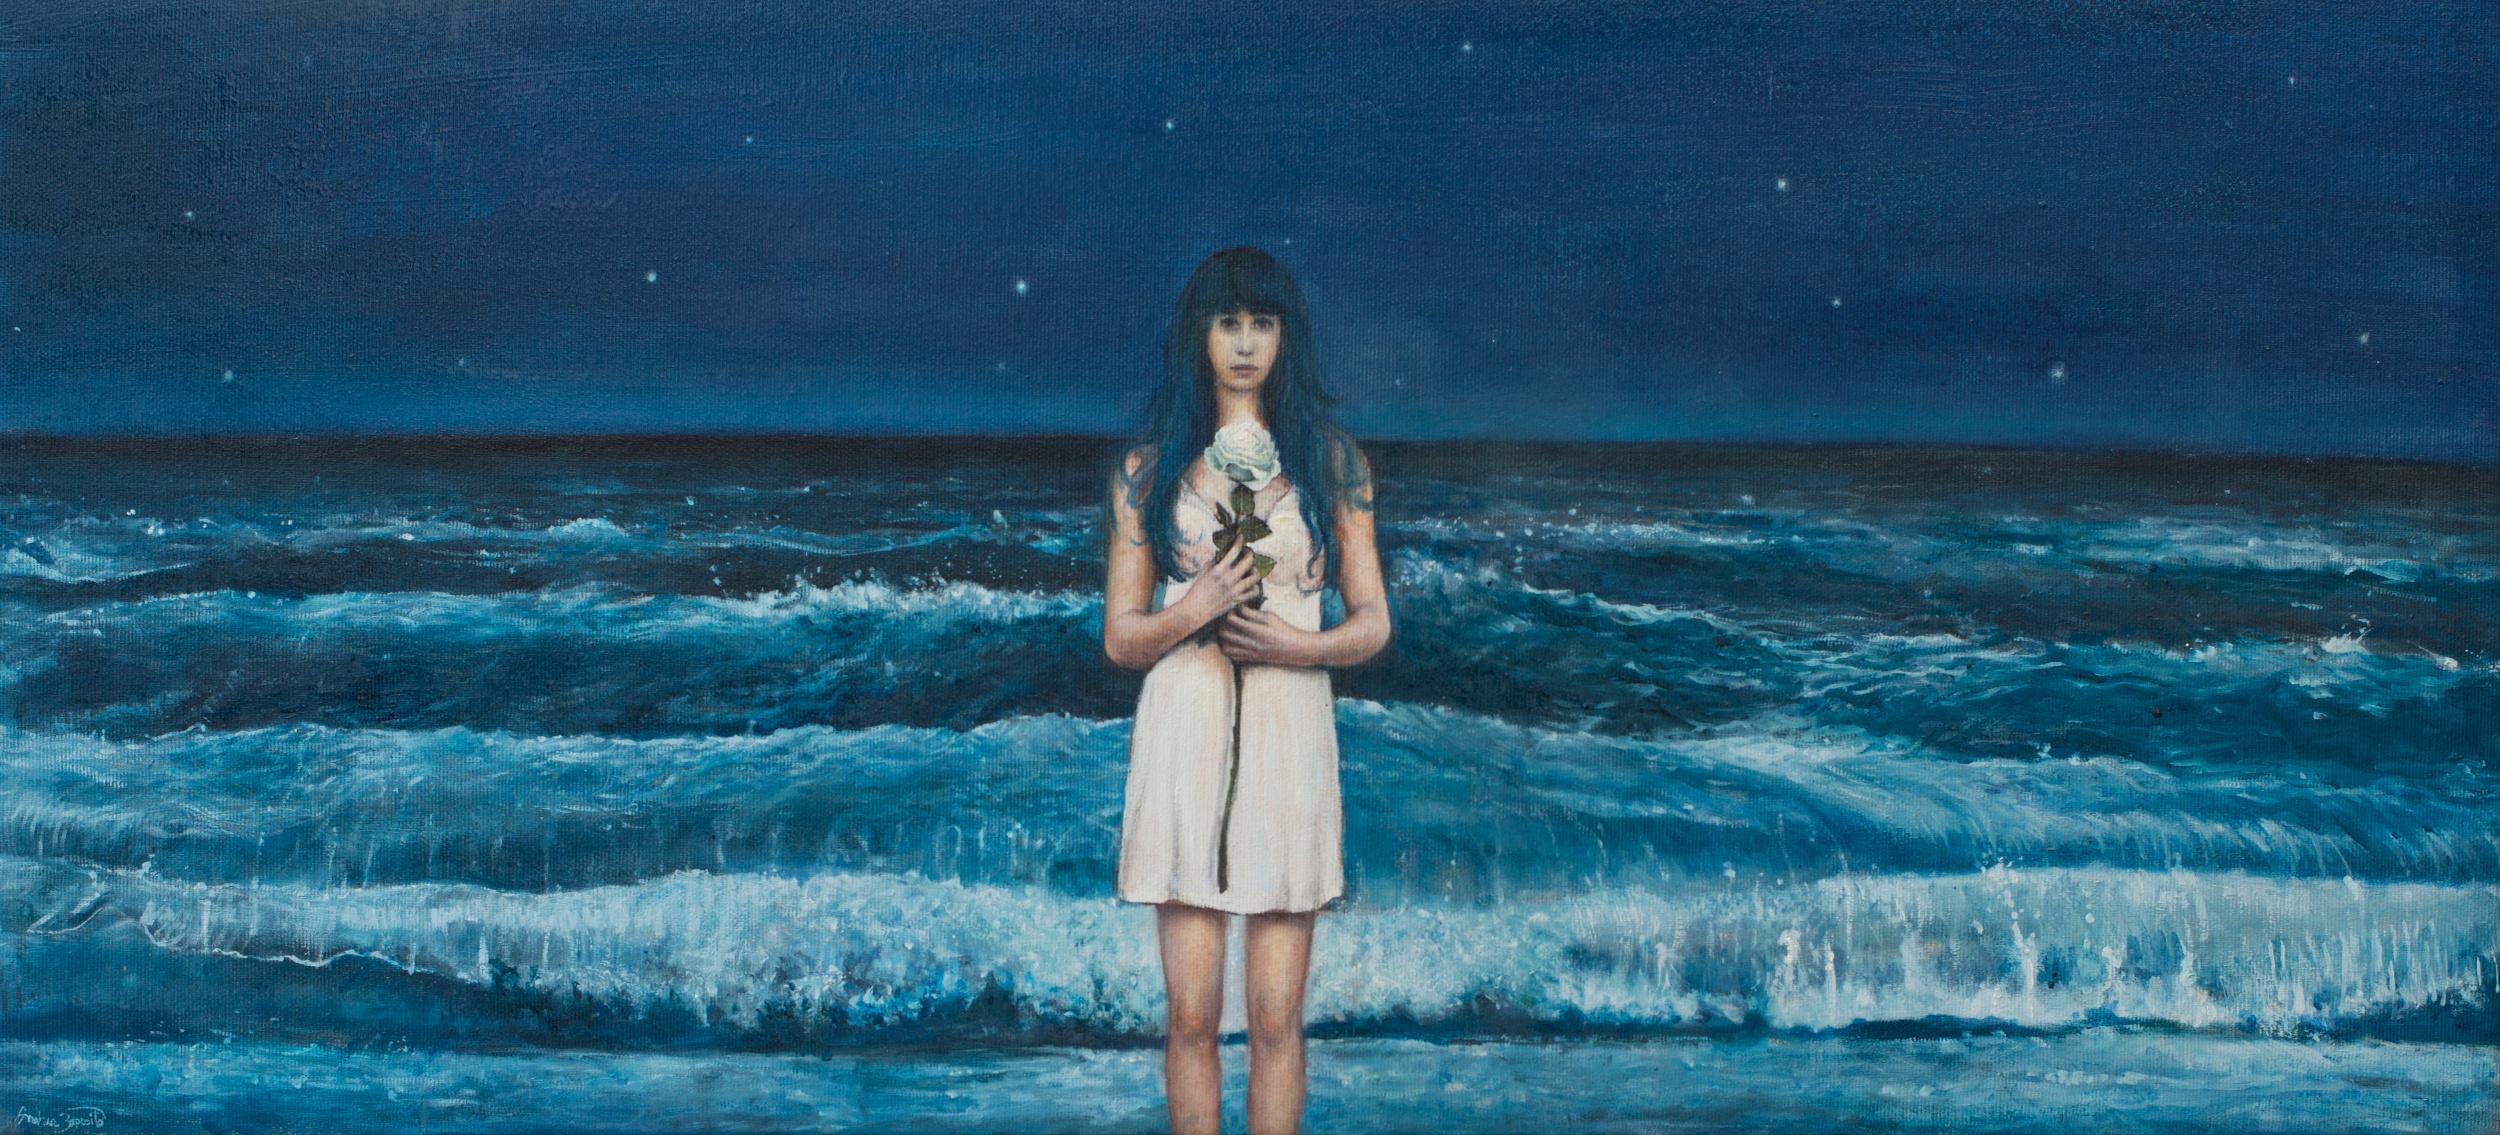 """""""L'etoile dans la nuit"""", olio su tela, 32x70cm, 2017"""